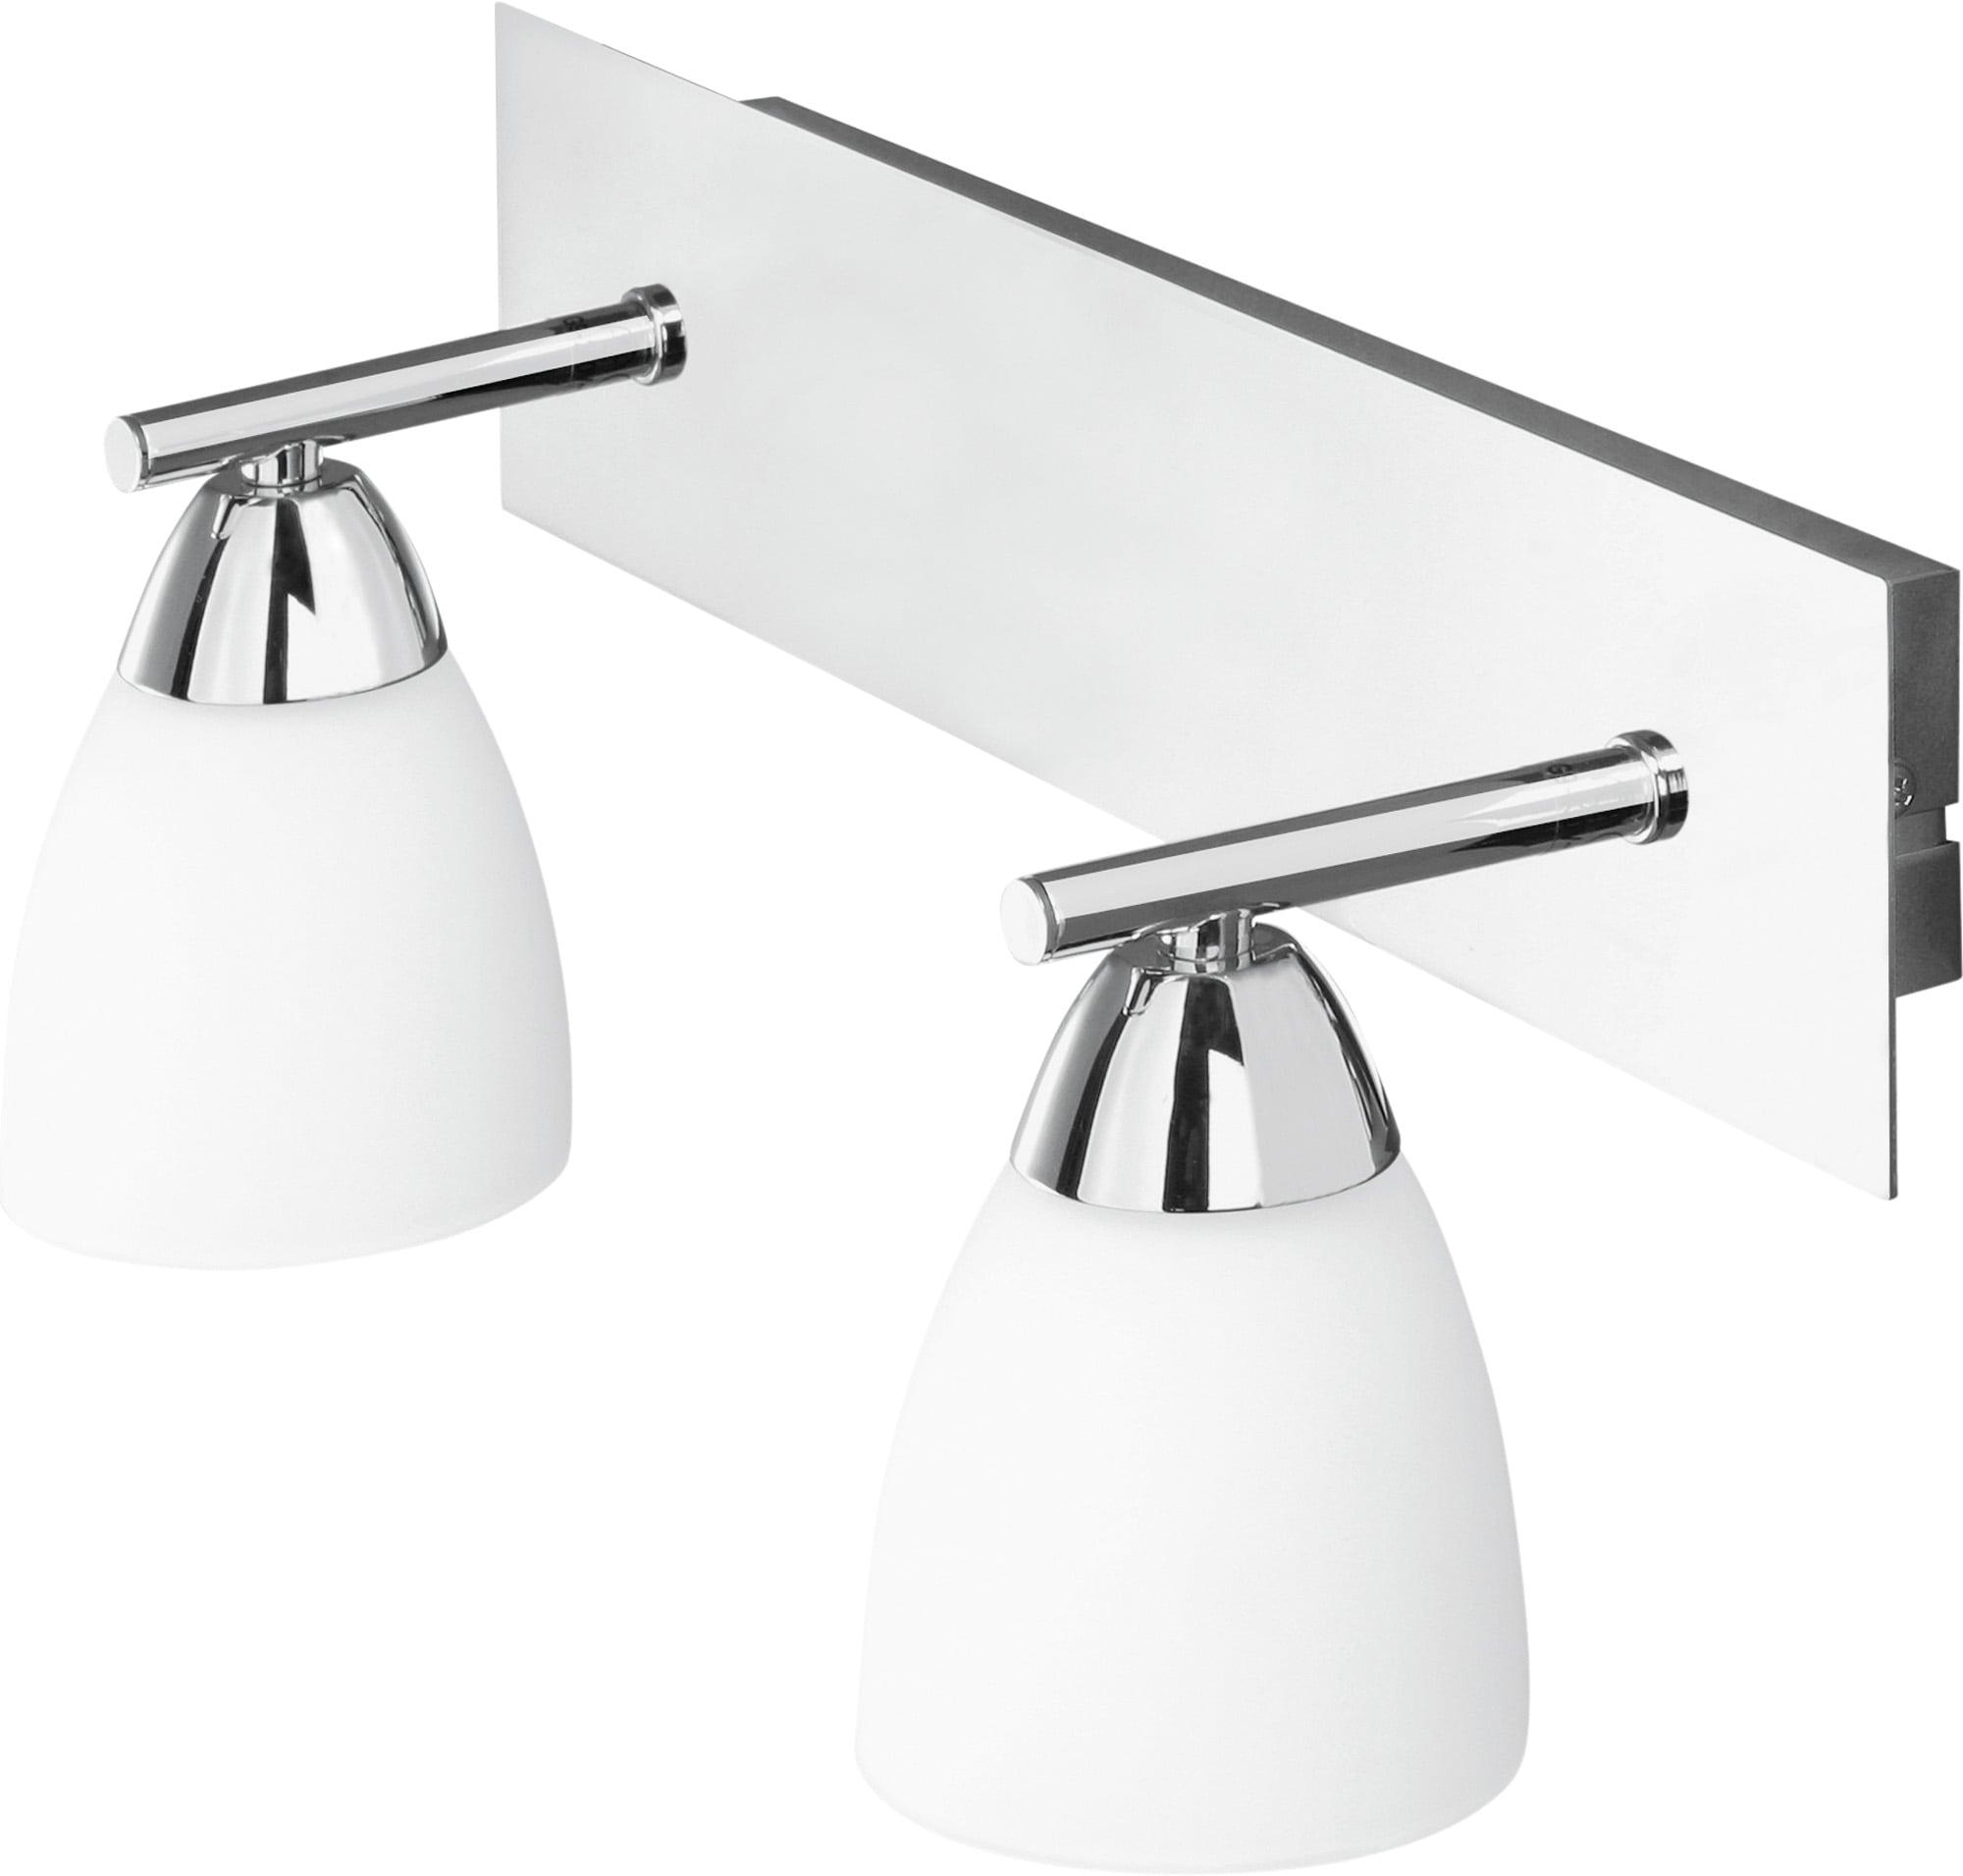 Moderní dvoubodová nástěnná lampa Aquatic chrom / bílá G9 40W